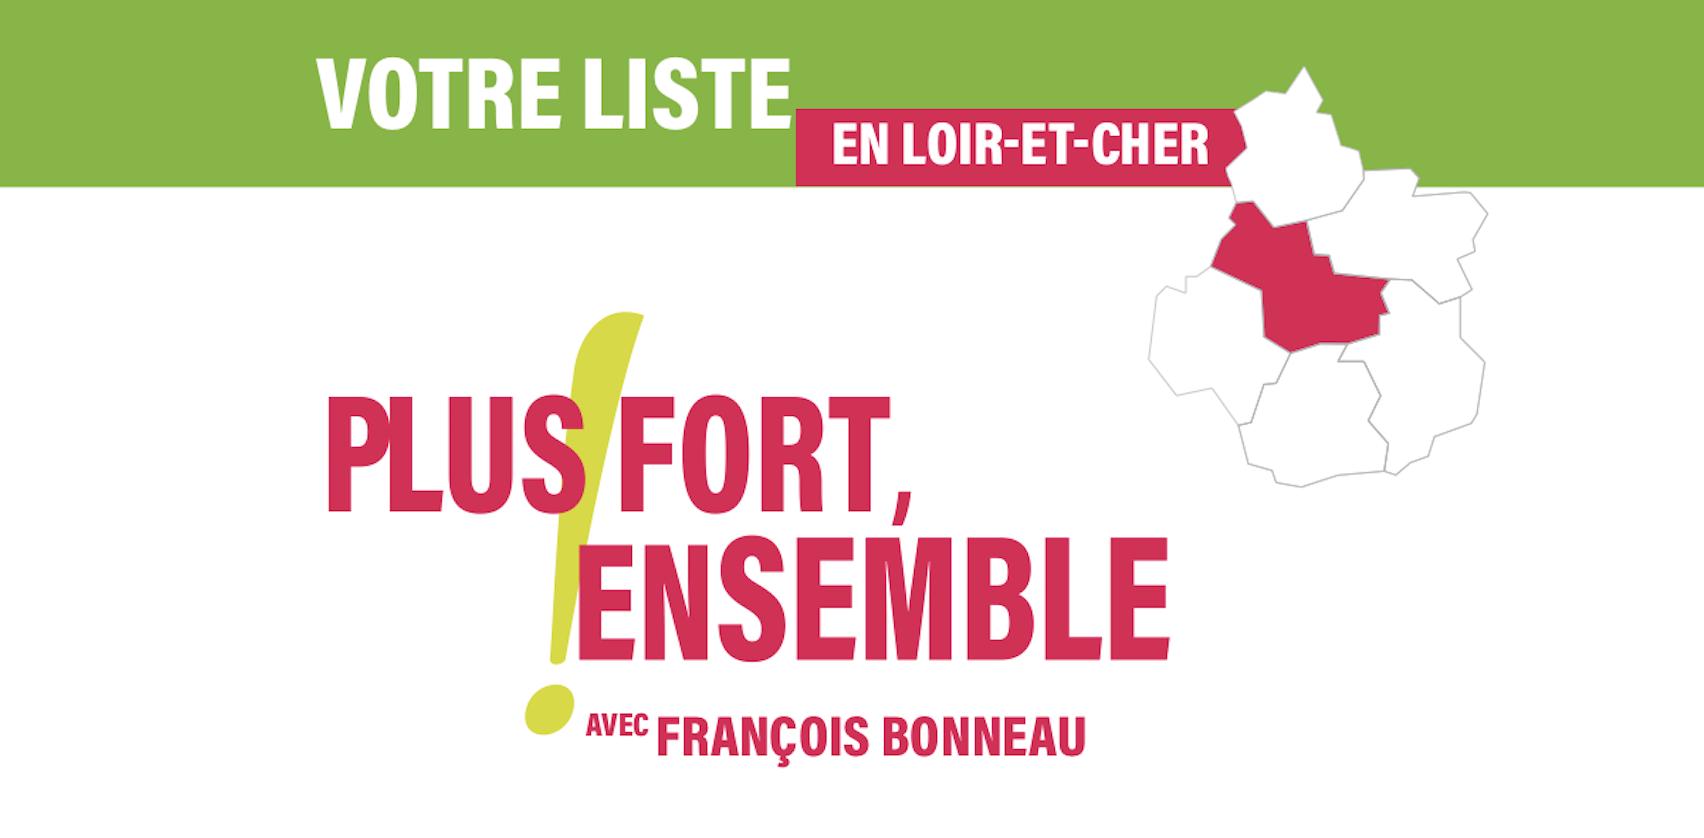 La section de Loir-et-Cher de la liste régionale